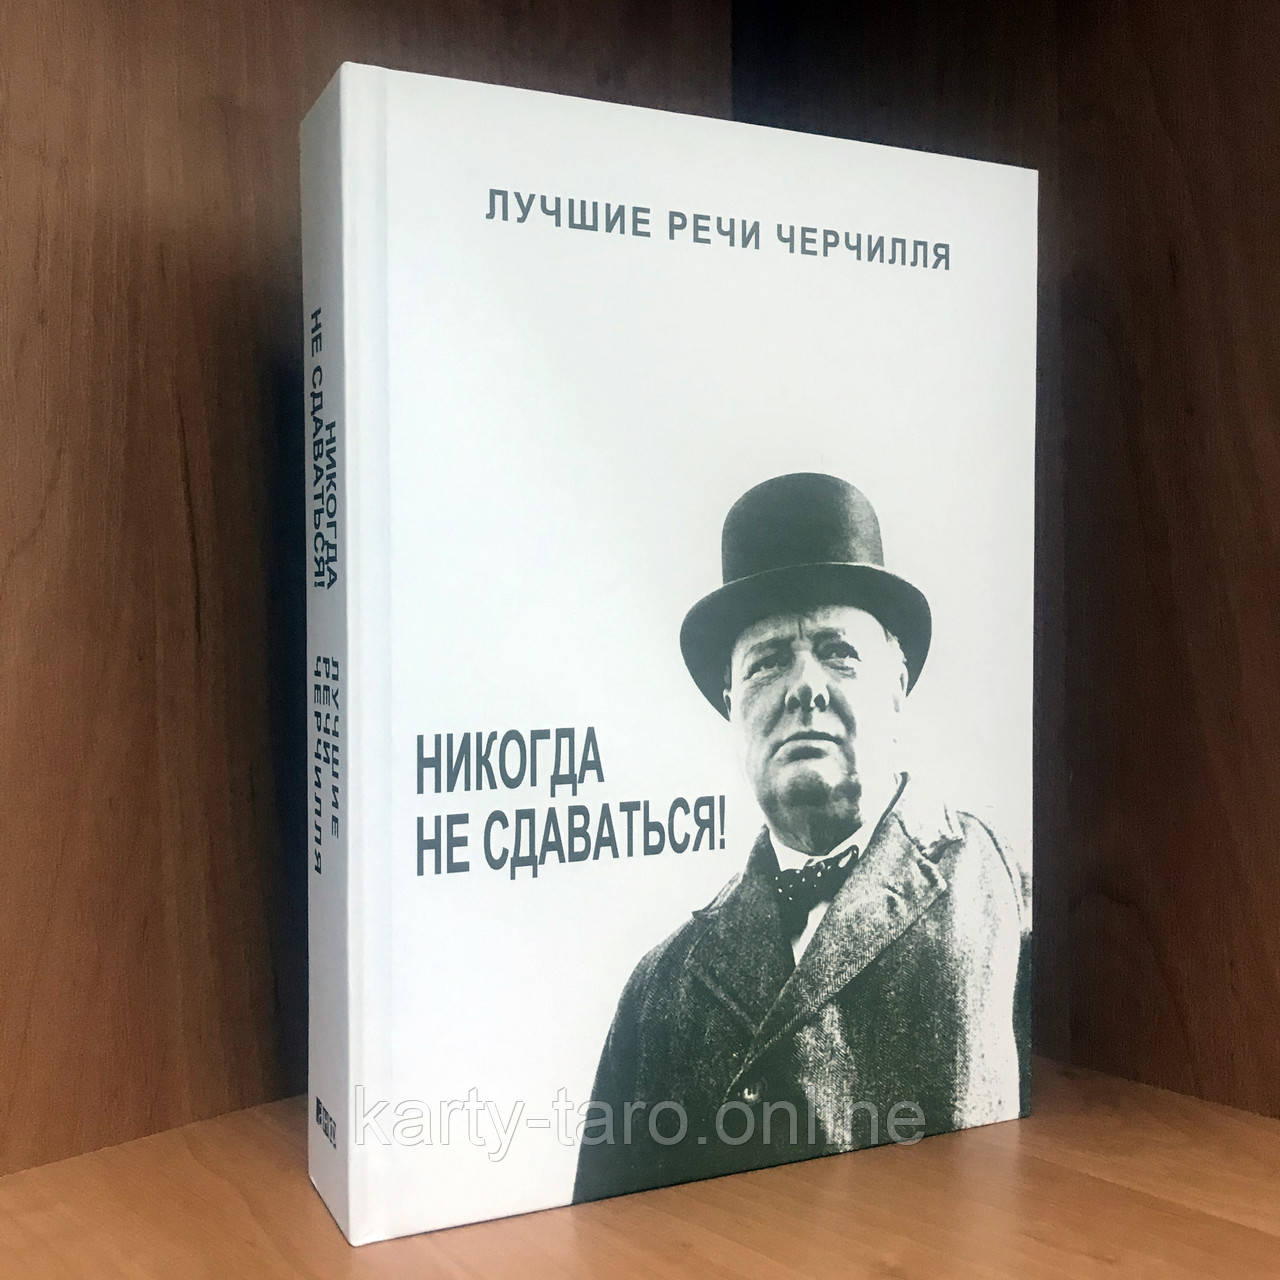 Книга Черчілль Ніколи не здаватися Кращі промови Черчилля Альпіна